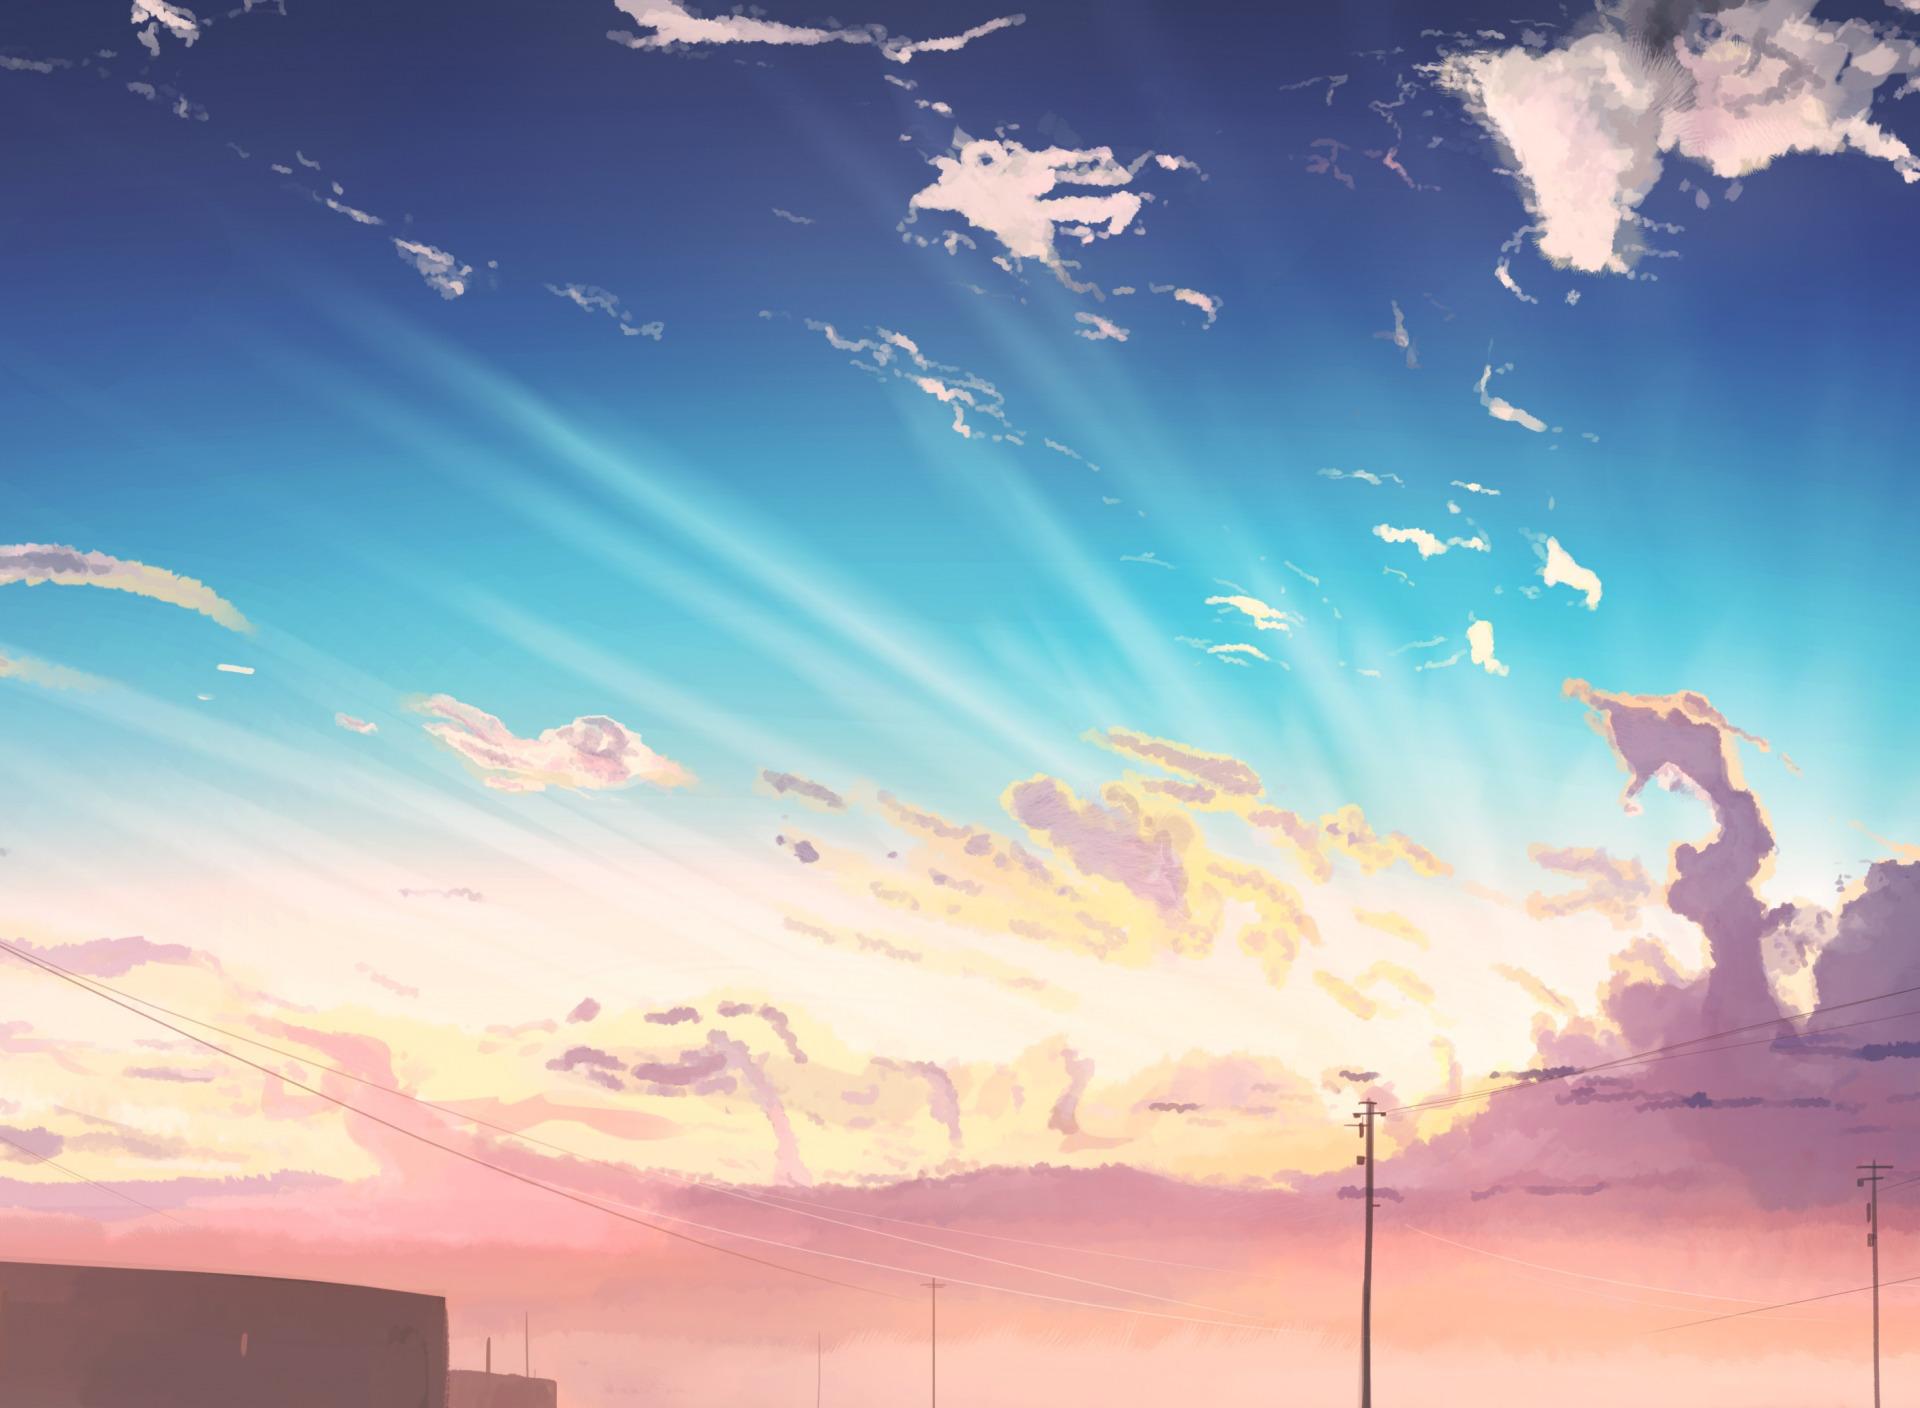 это, картинки небо арт холмы удивительный